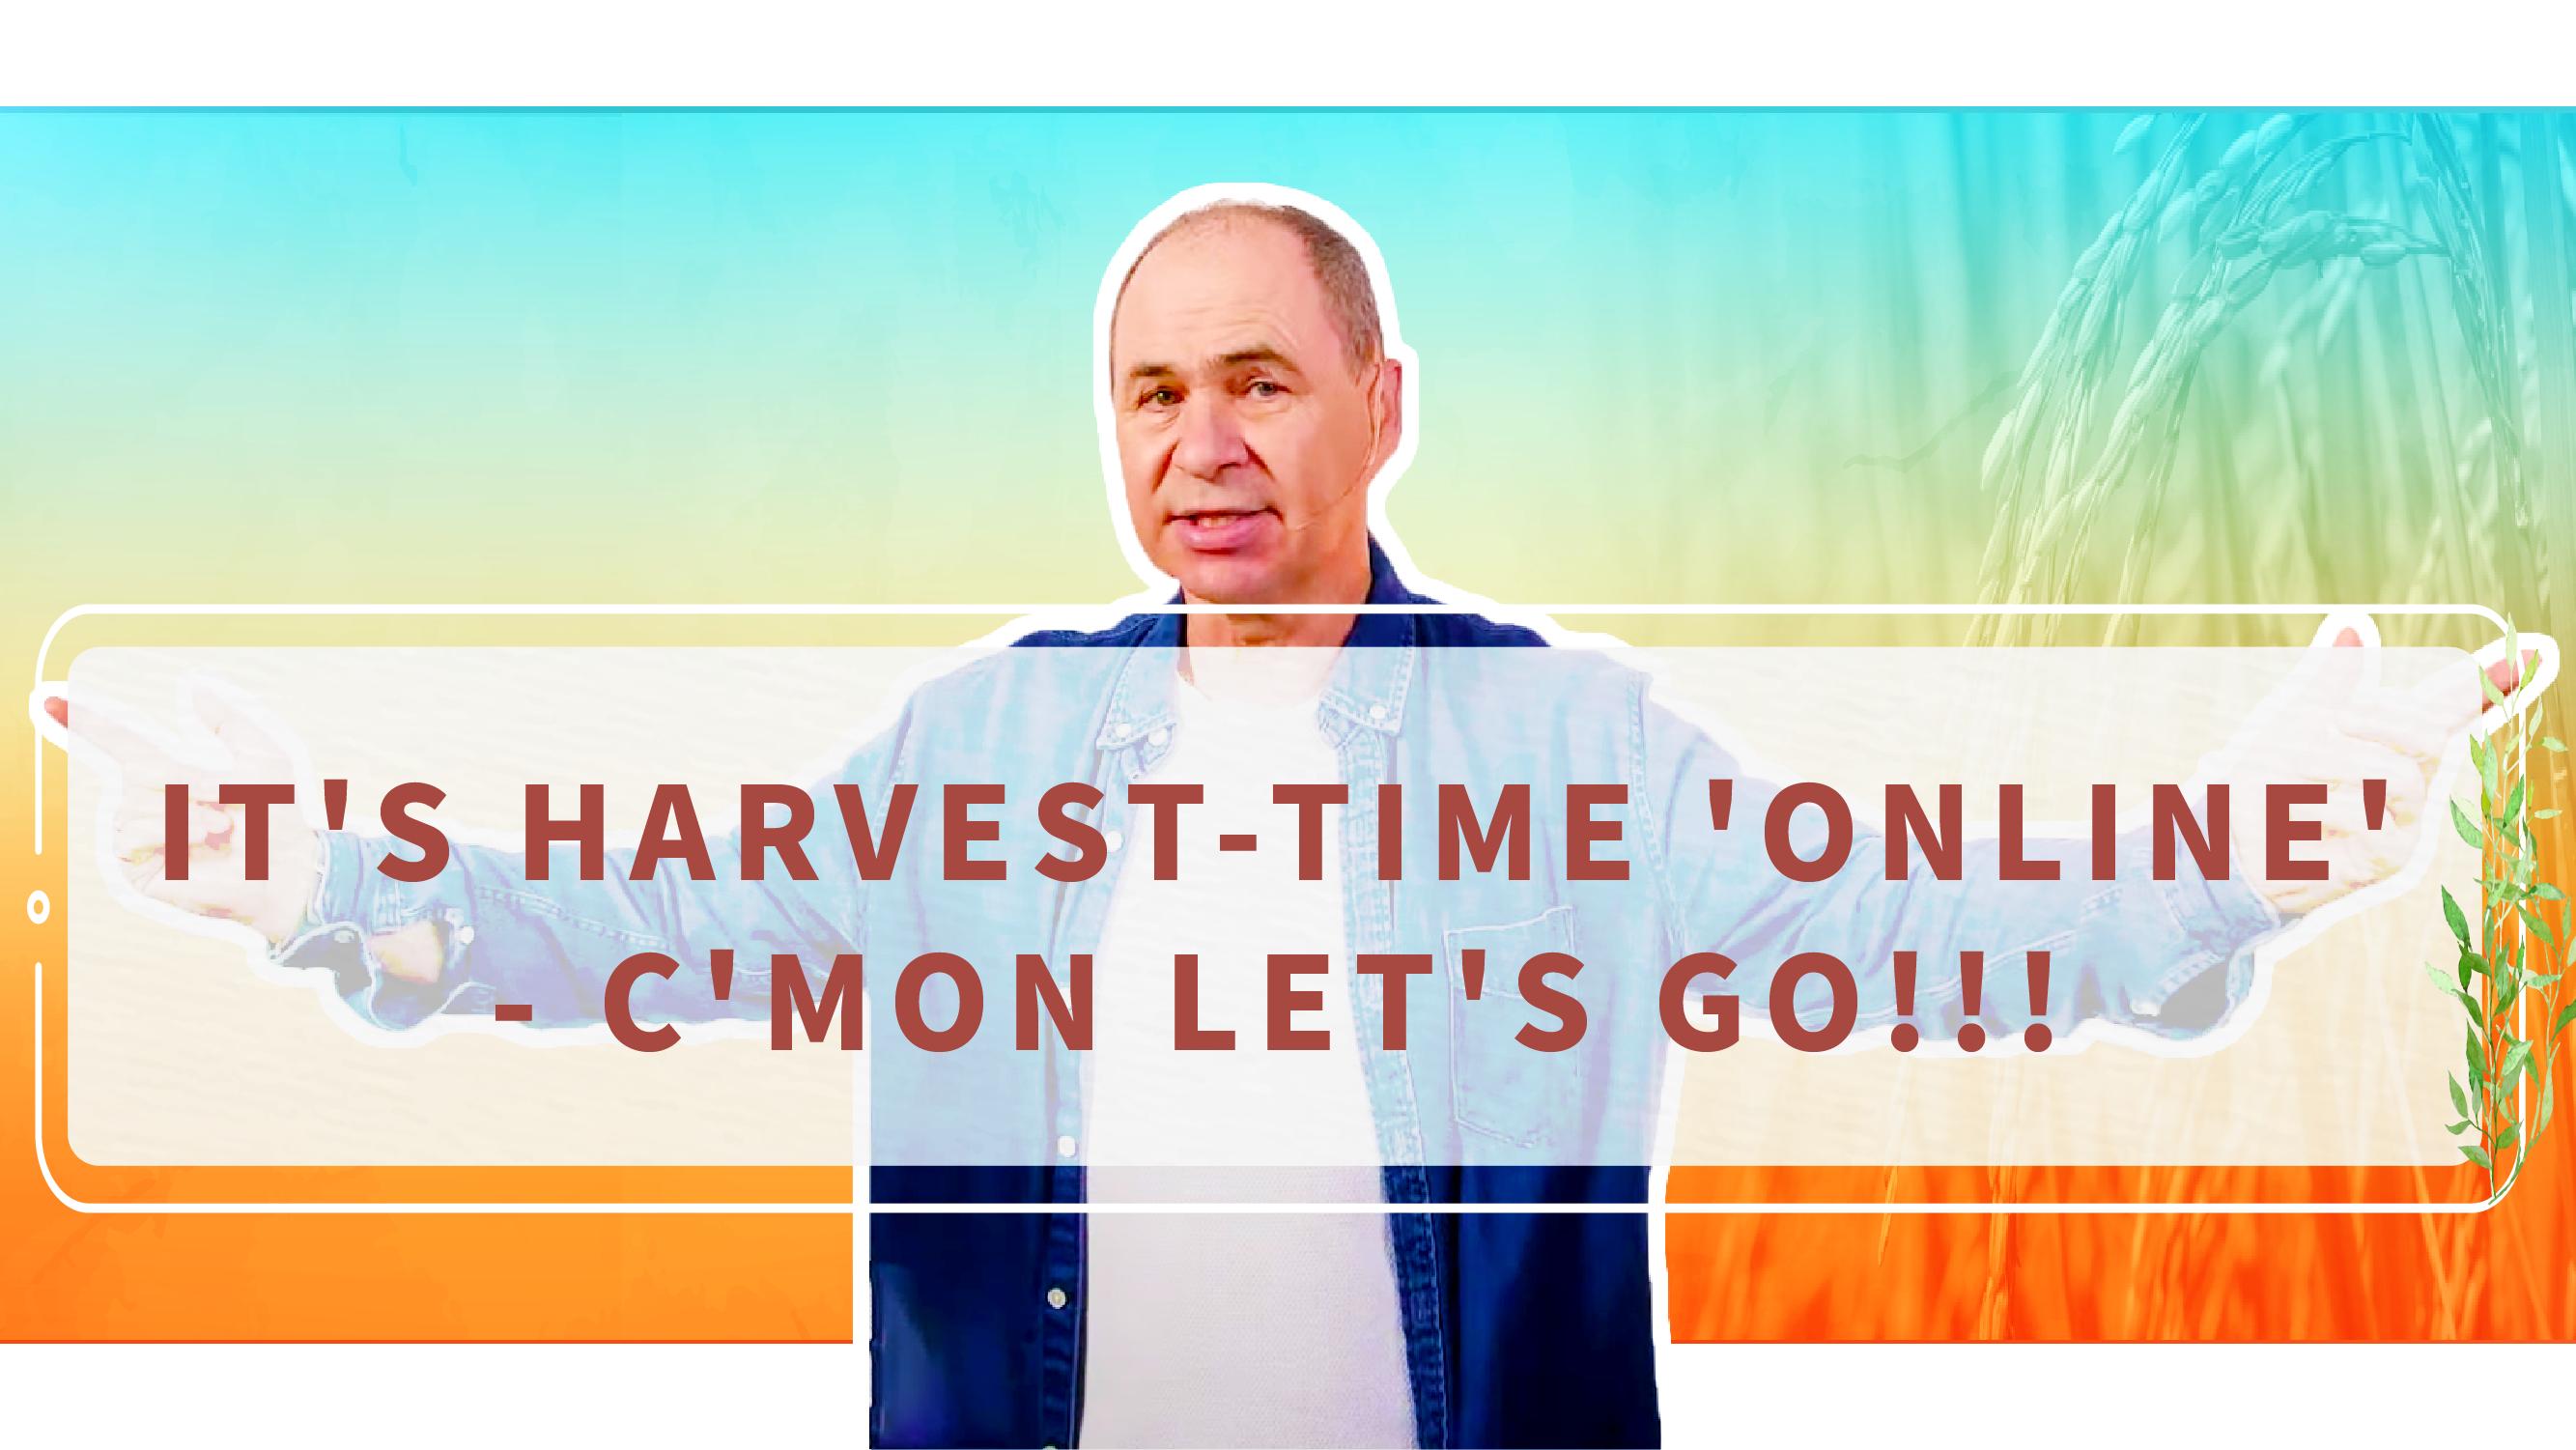 It's harvest-time 'online' - C'mon let's go!!!